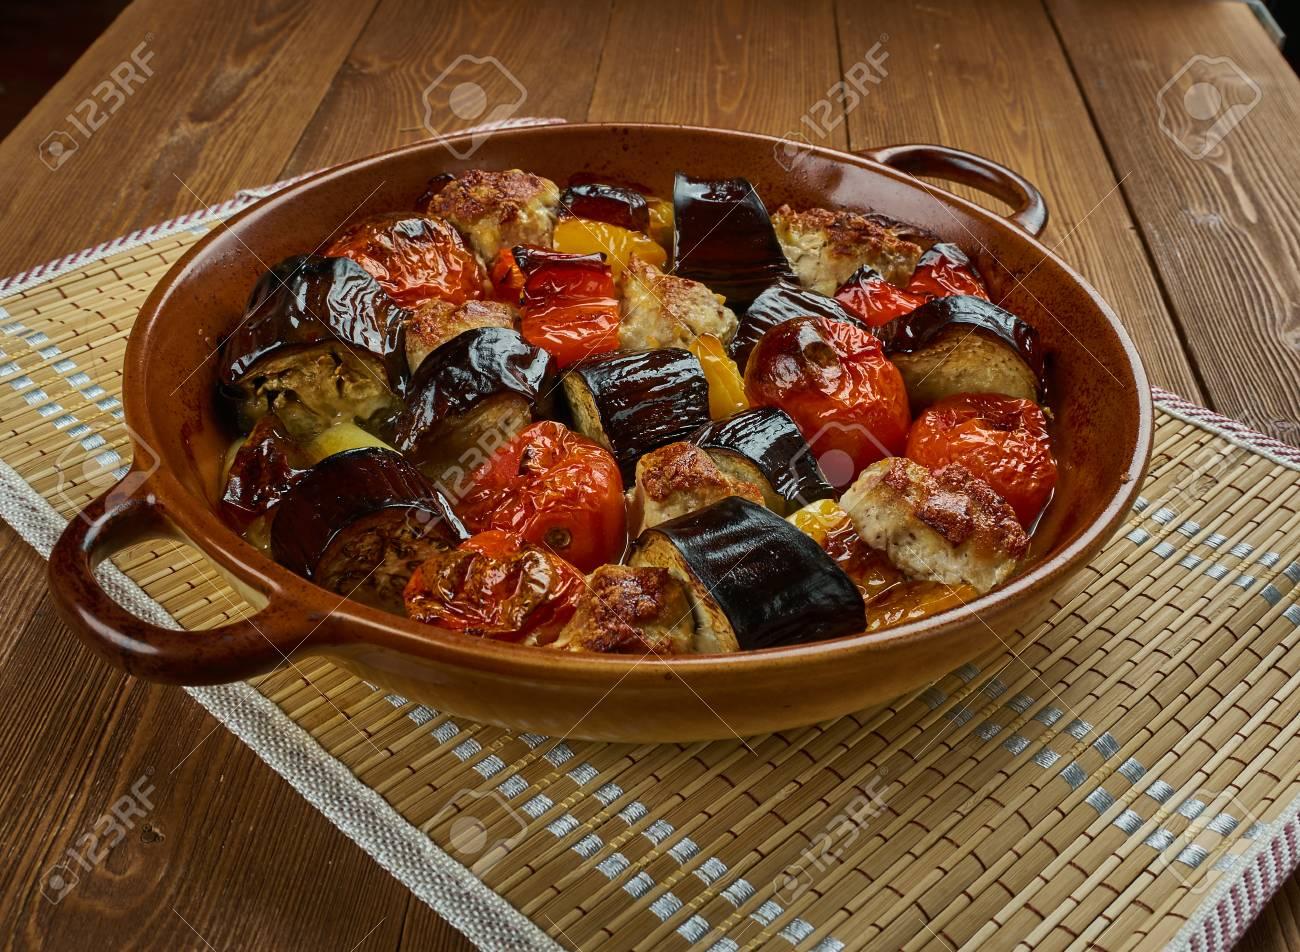 Vistoso Fauzia S De Pizza Diversión Cocina Pan Regalo - Como Decorar ...